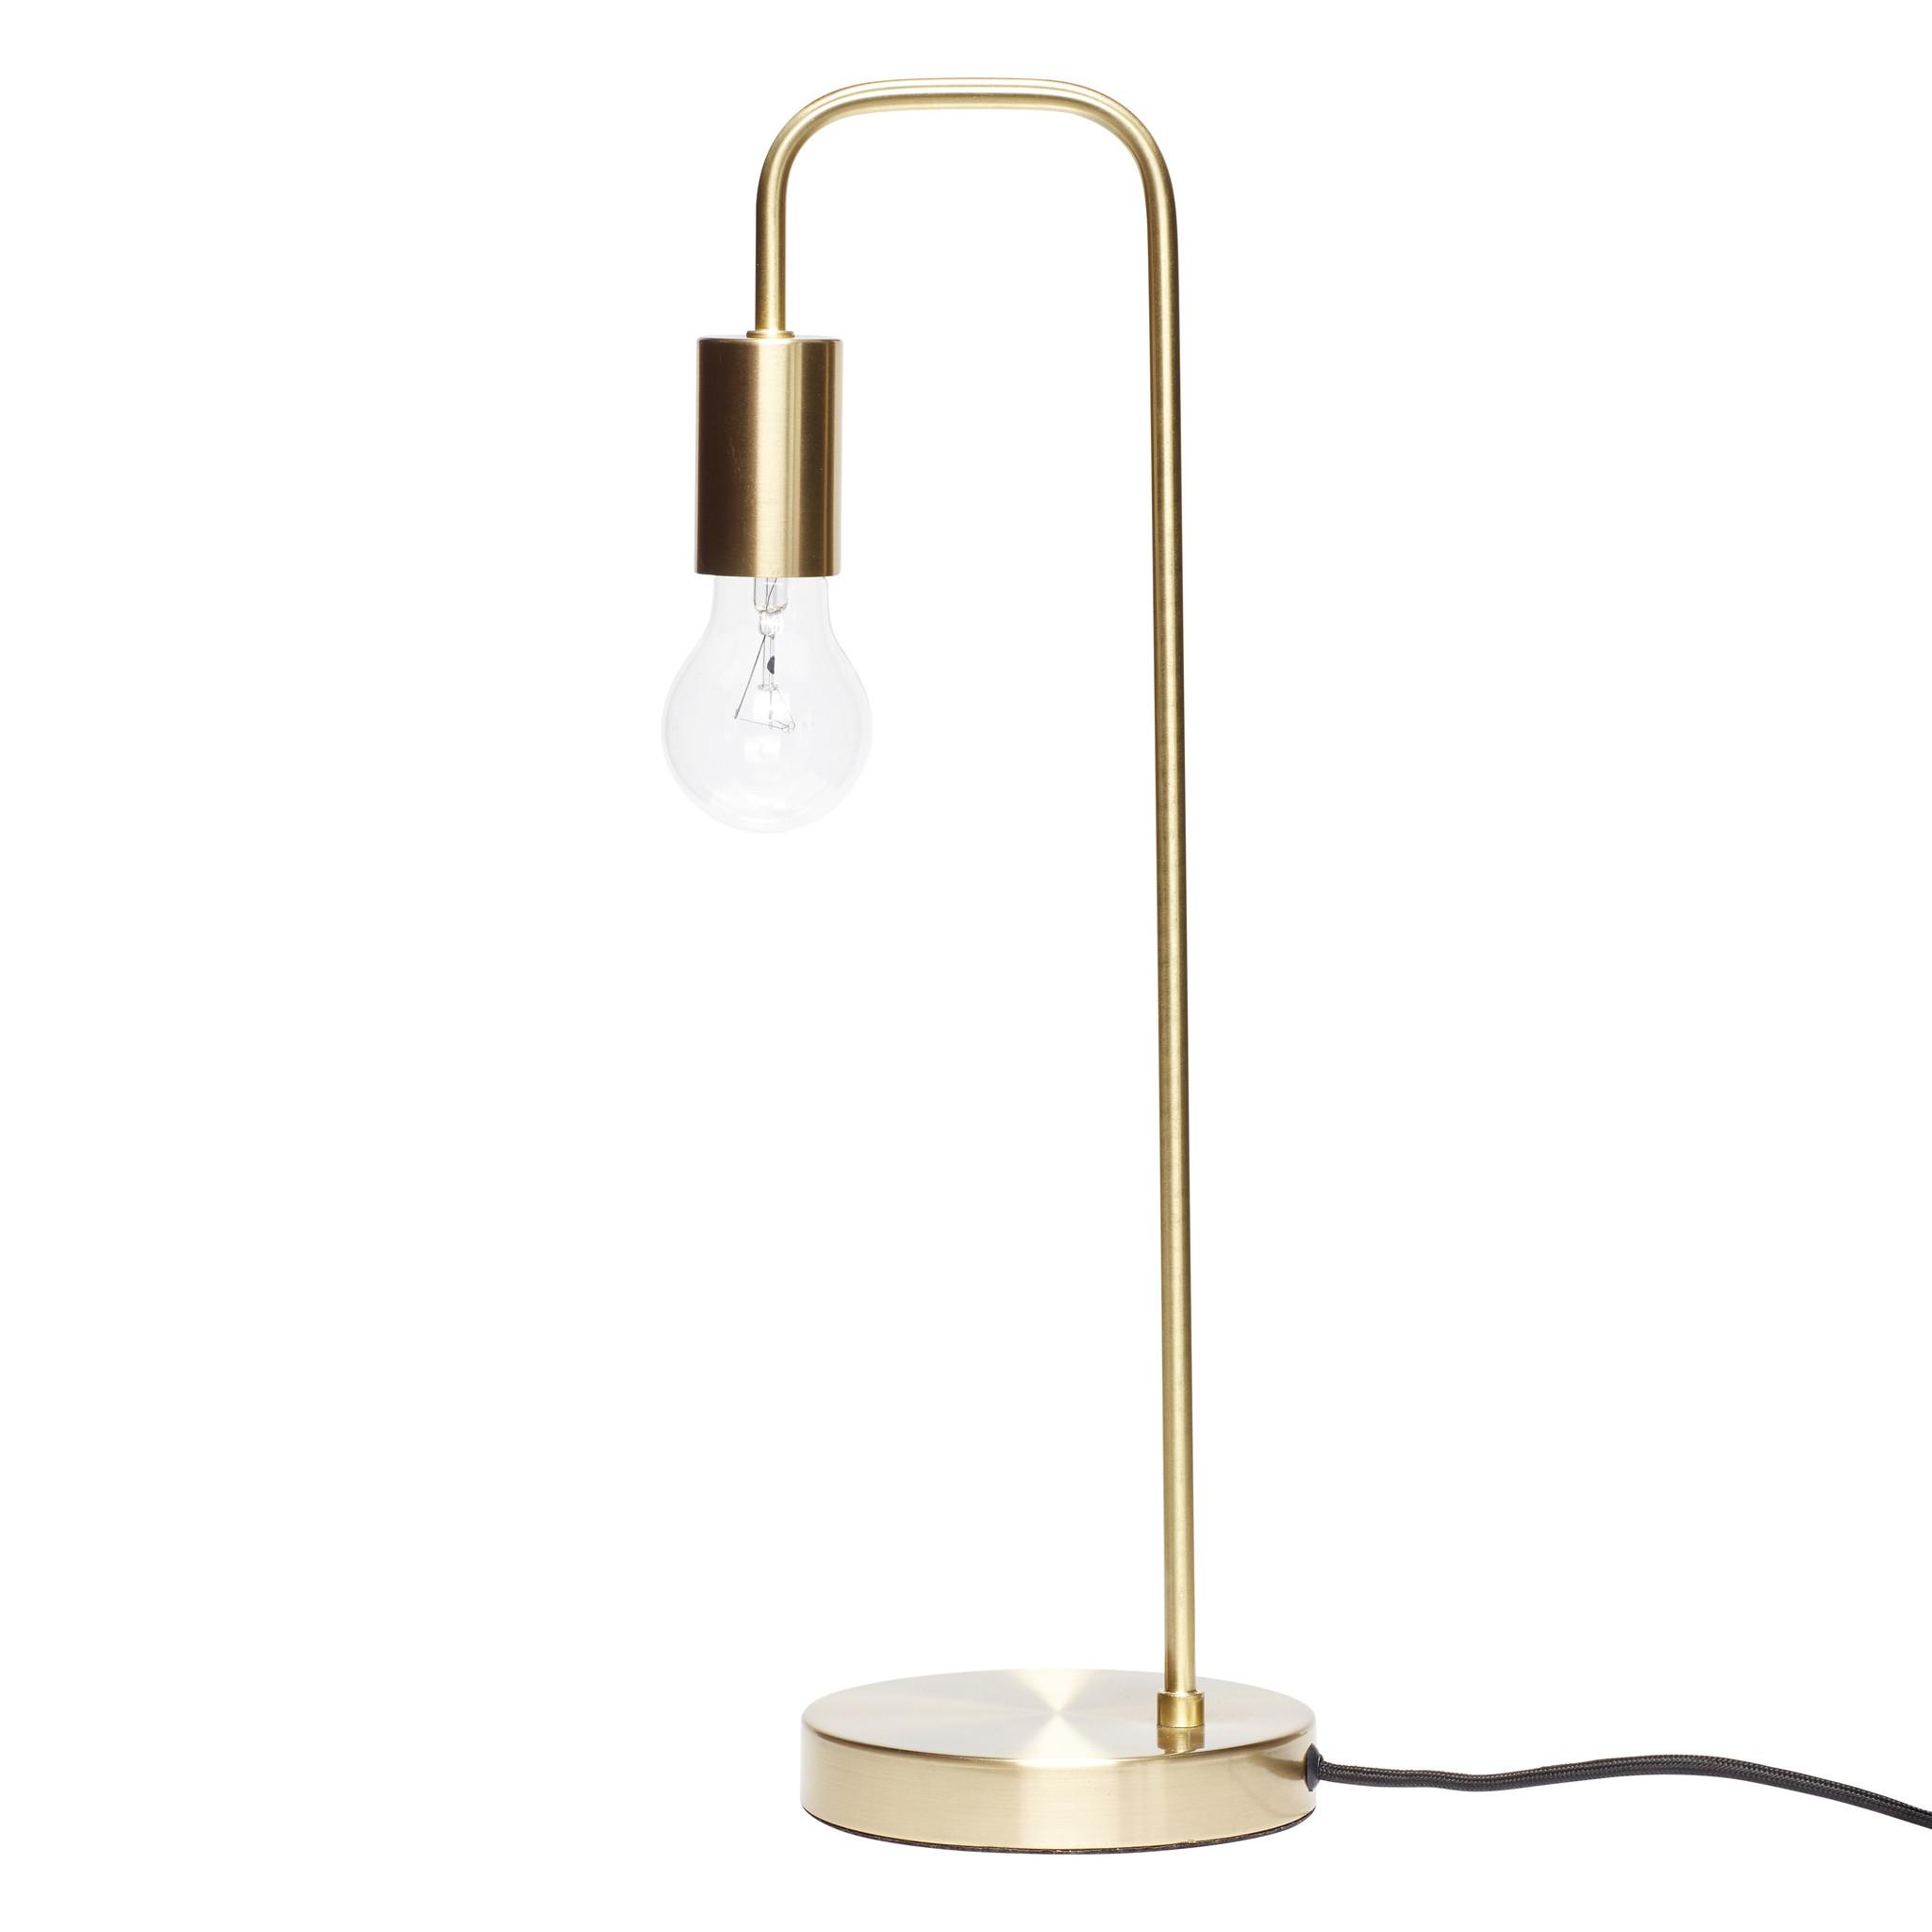 Hubsch Tafellamp, messing-890414-5712772059654